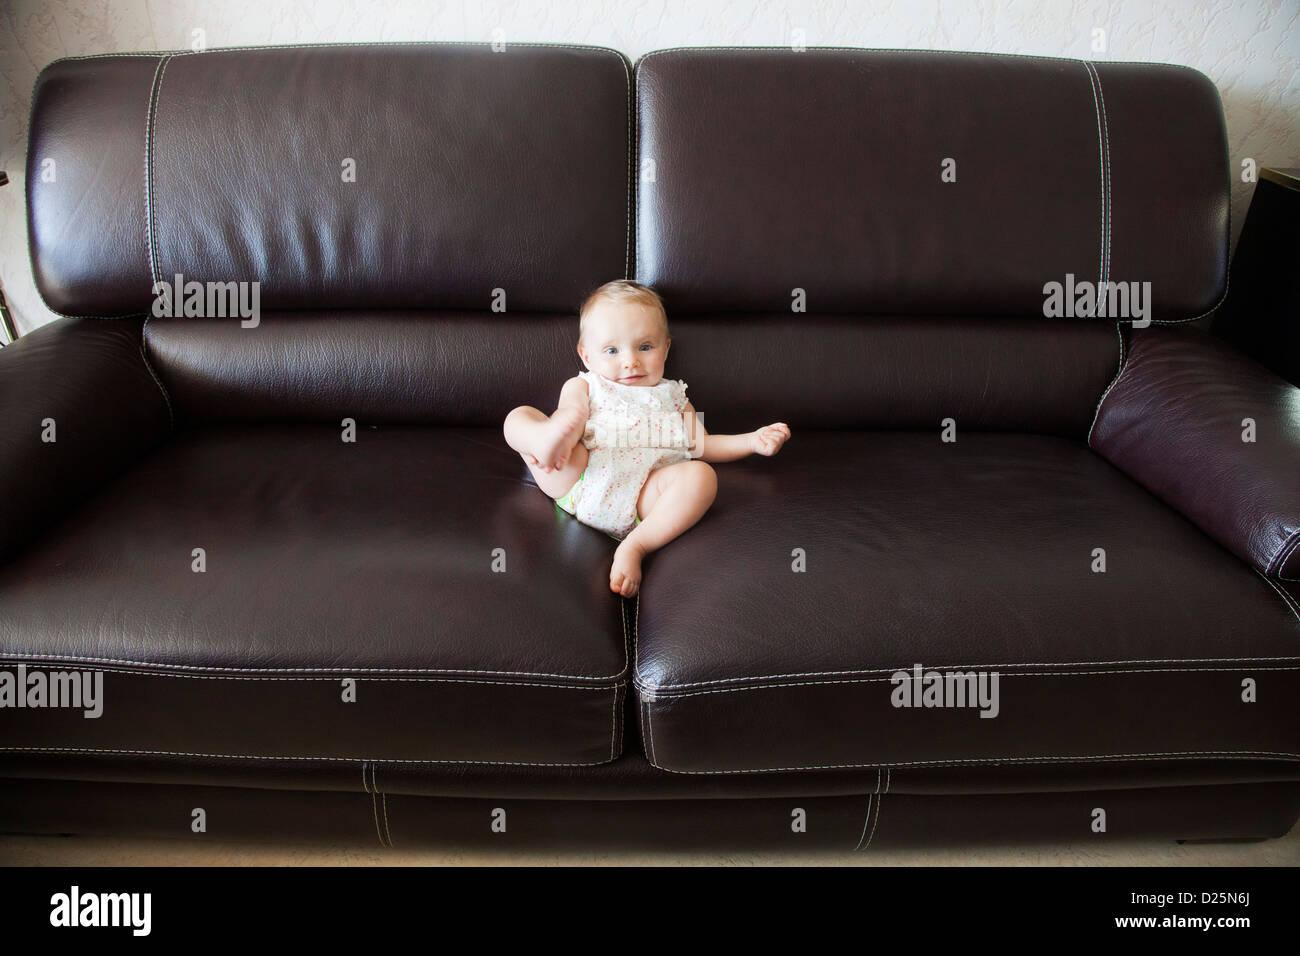 Longitud total Interior Interior Interior Interior Interior sentado sentarse se encuentra sentado solo solitaria Imagen De Stock